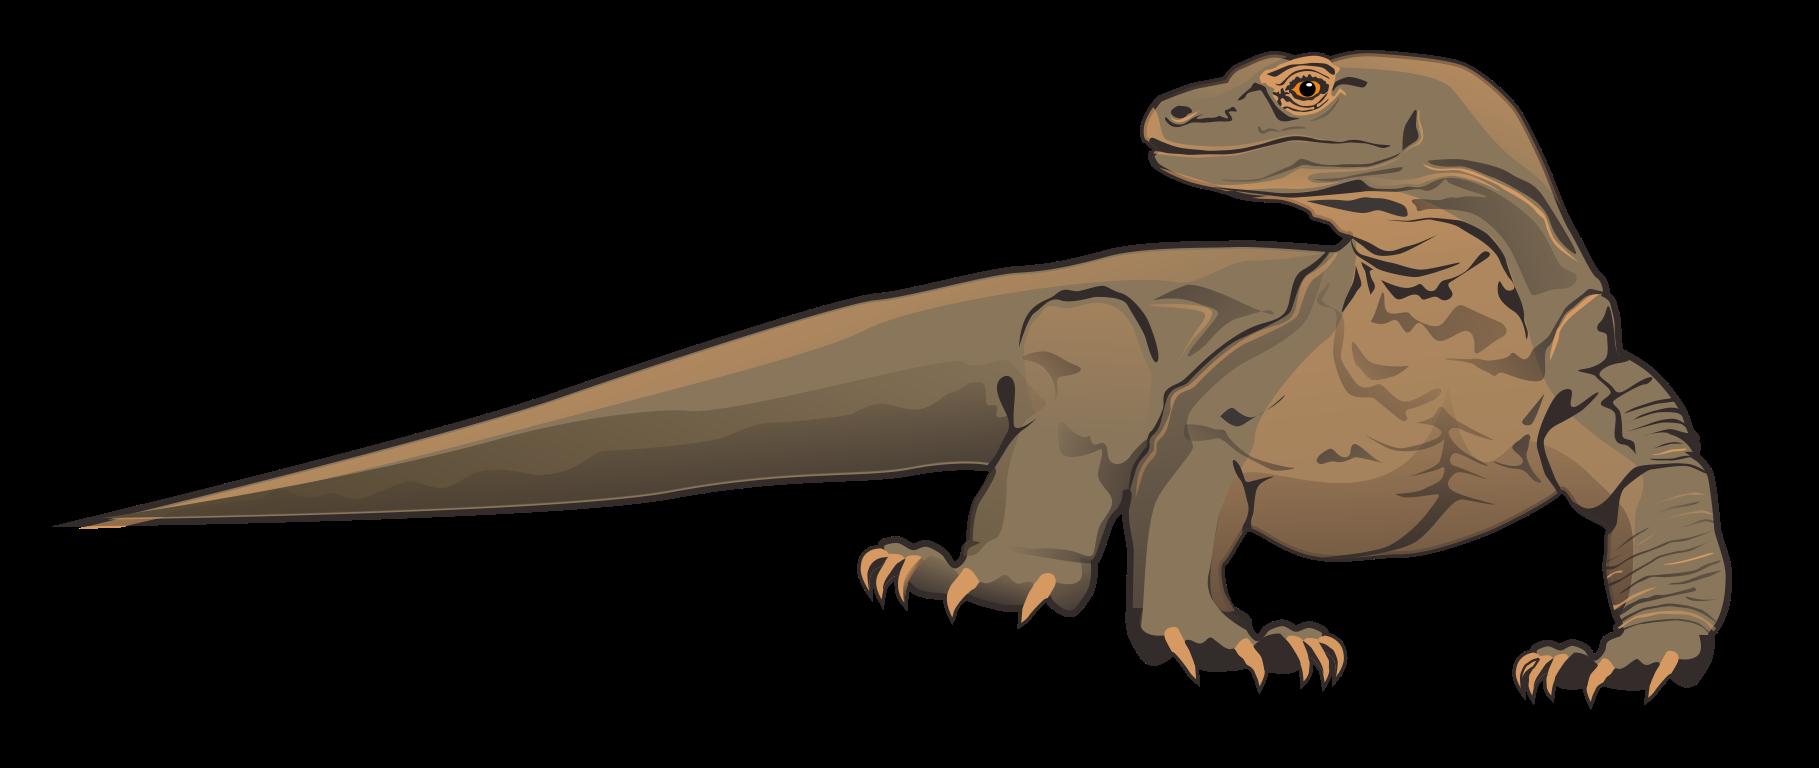 Картинки по запросу komodo dragon | Dragon | Pinterest